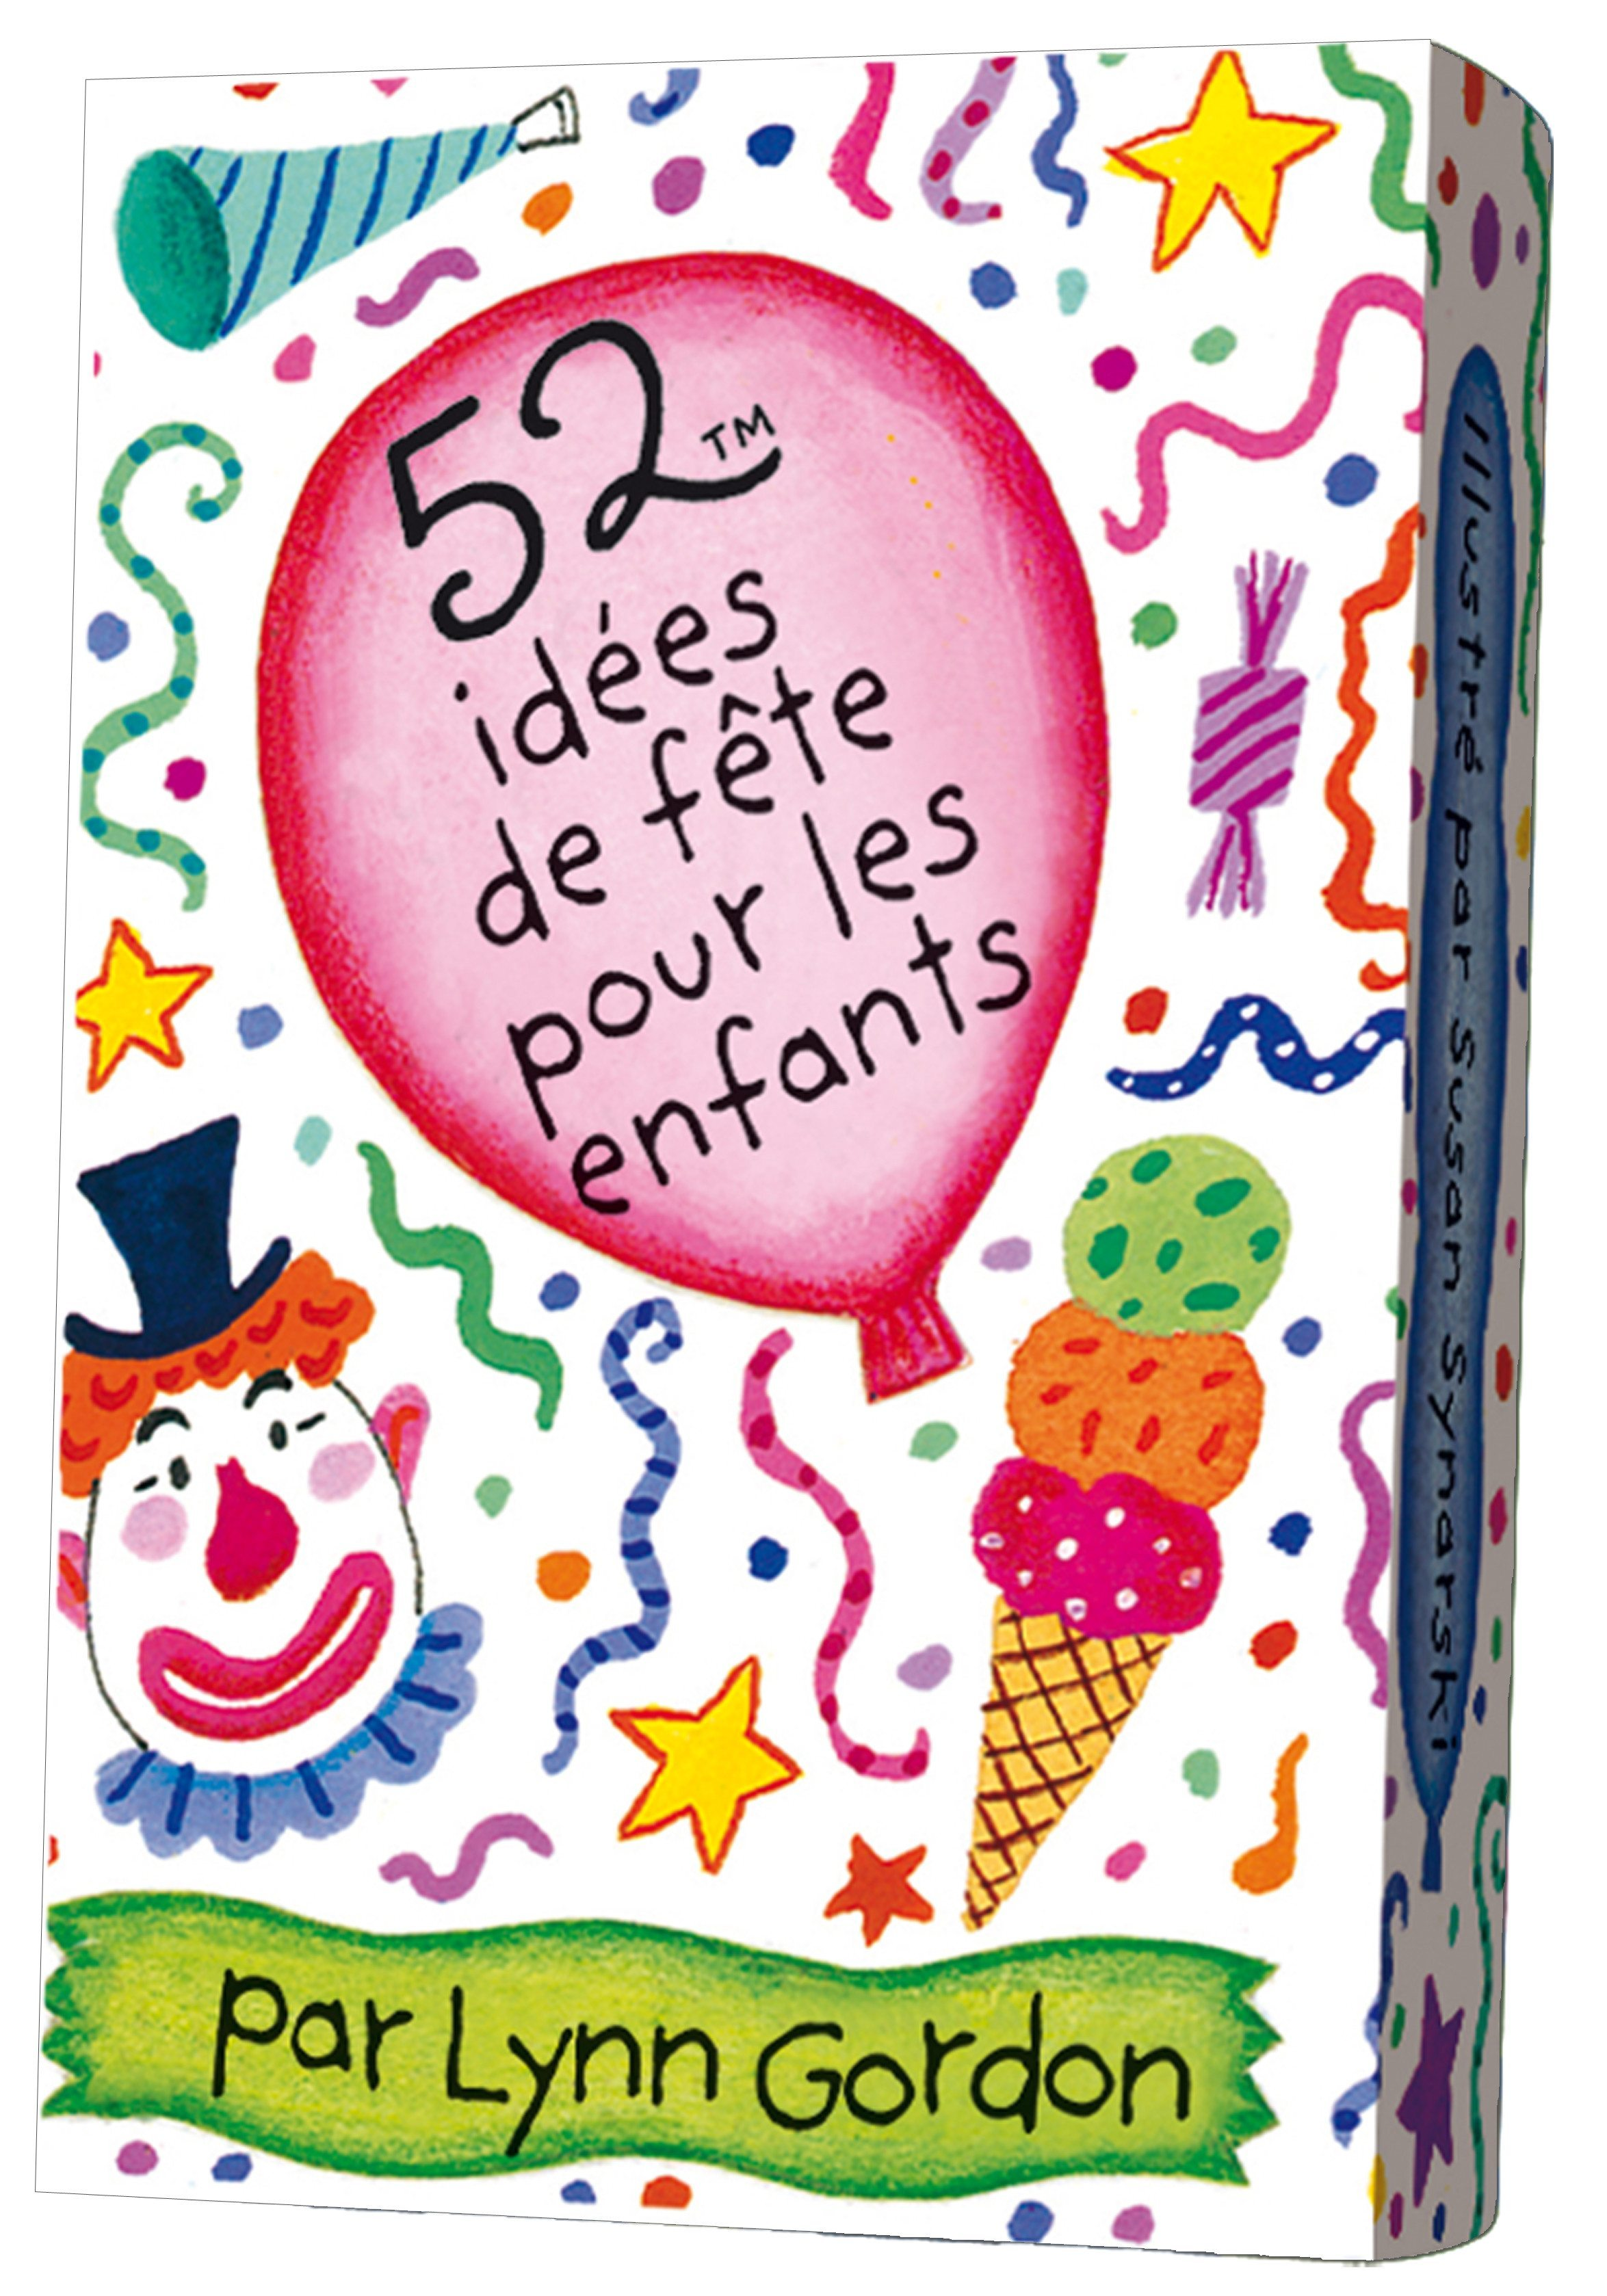 52 idées de fête pour les enfants